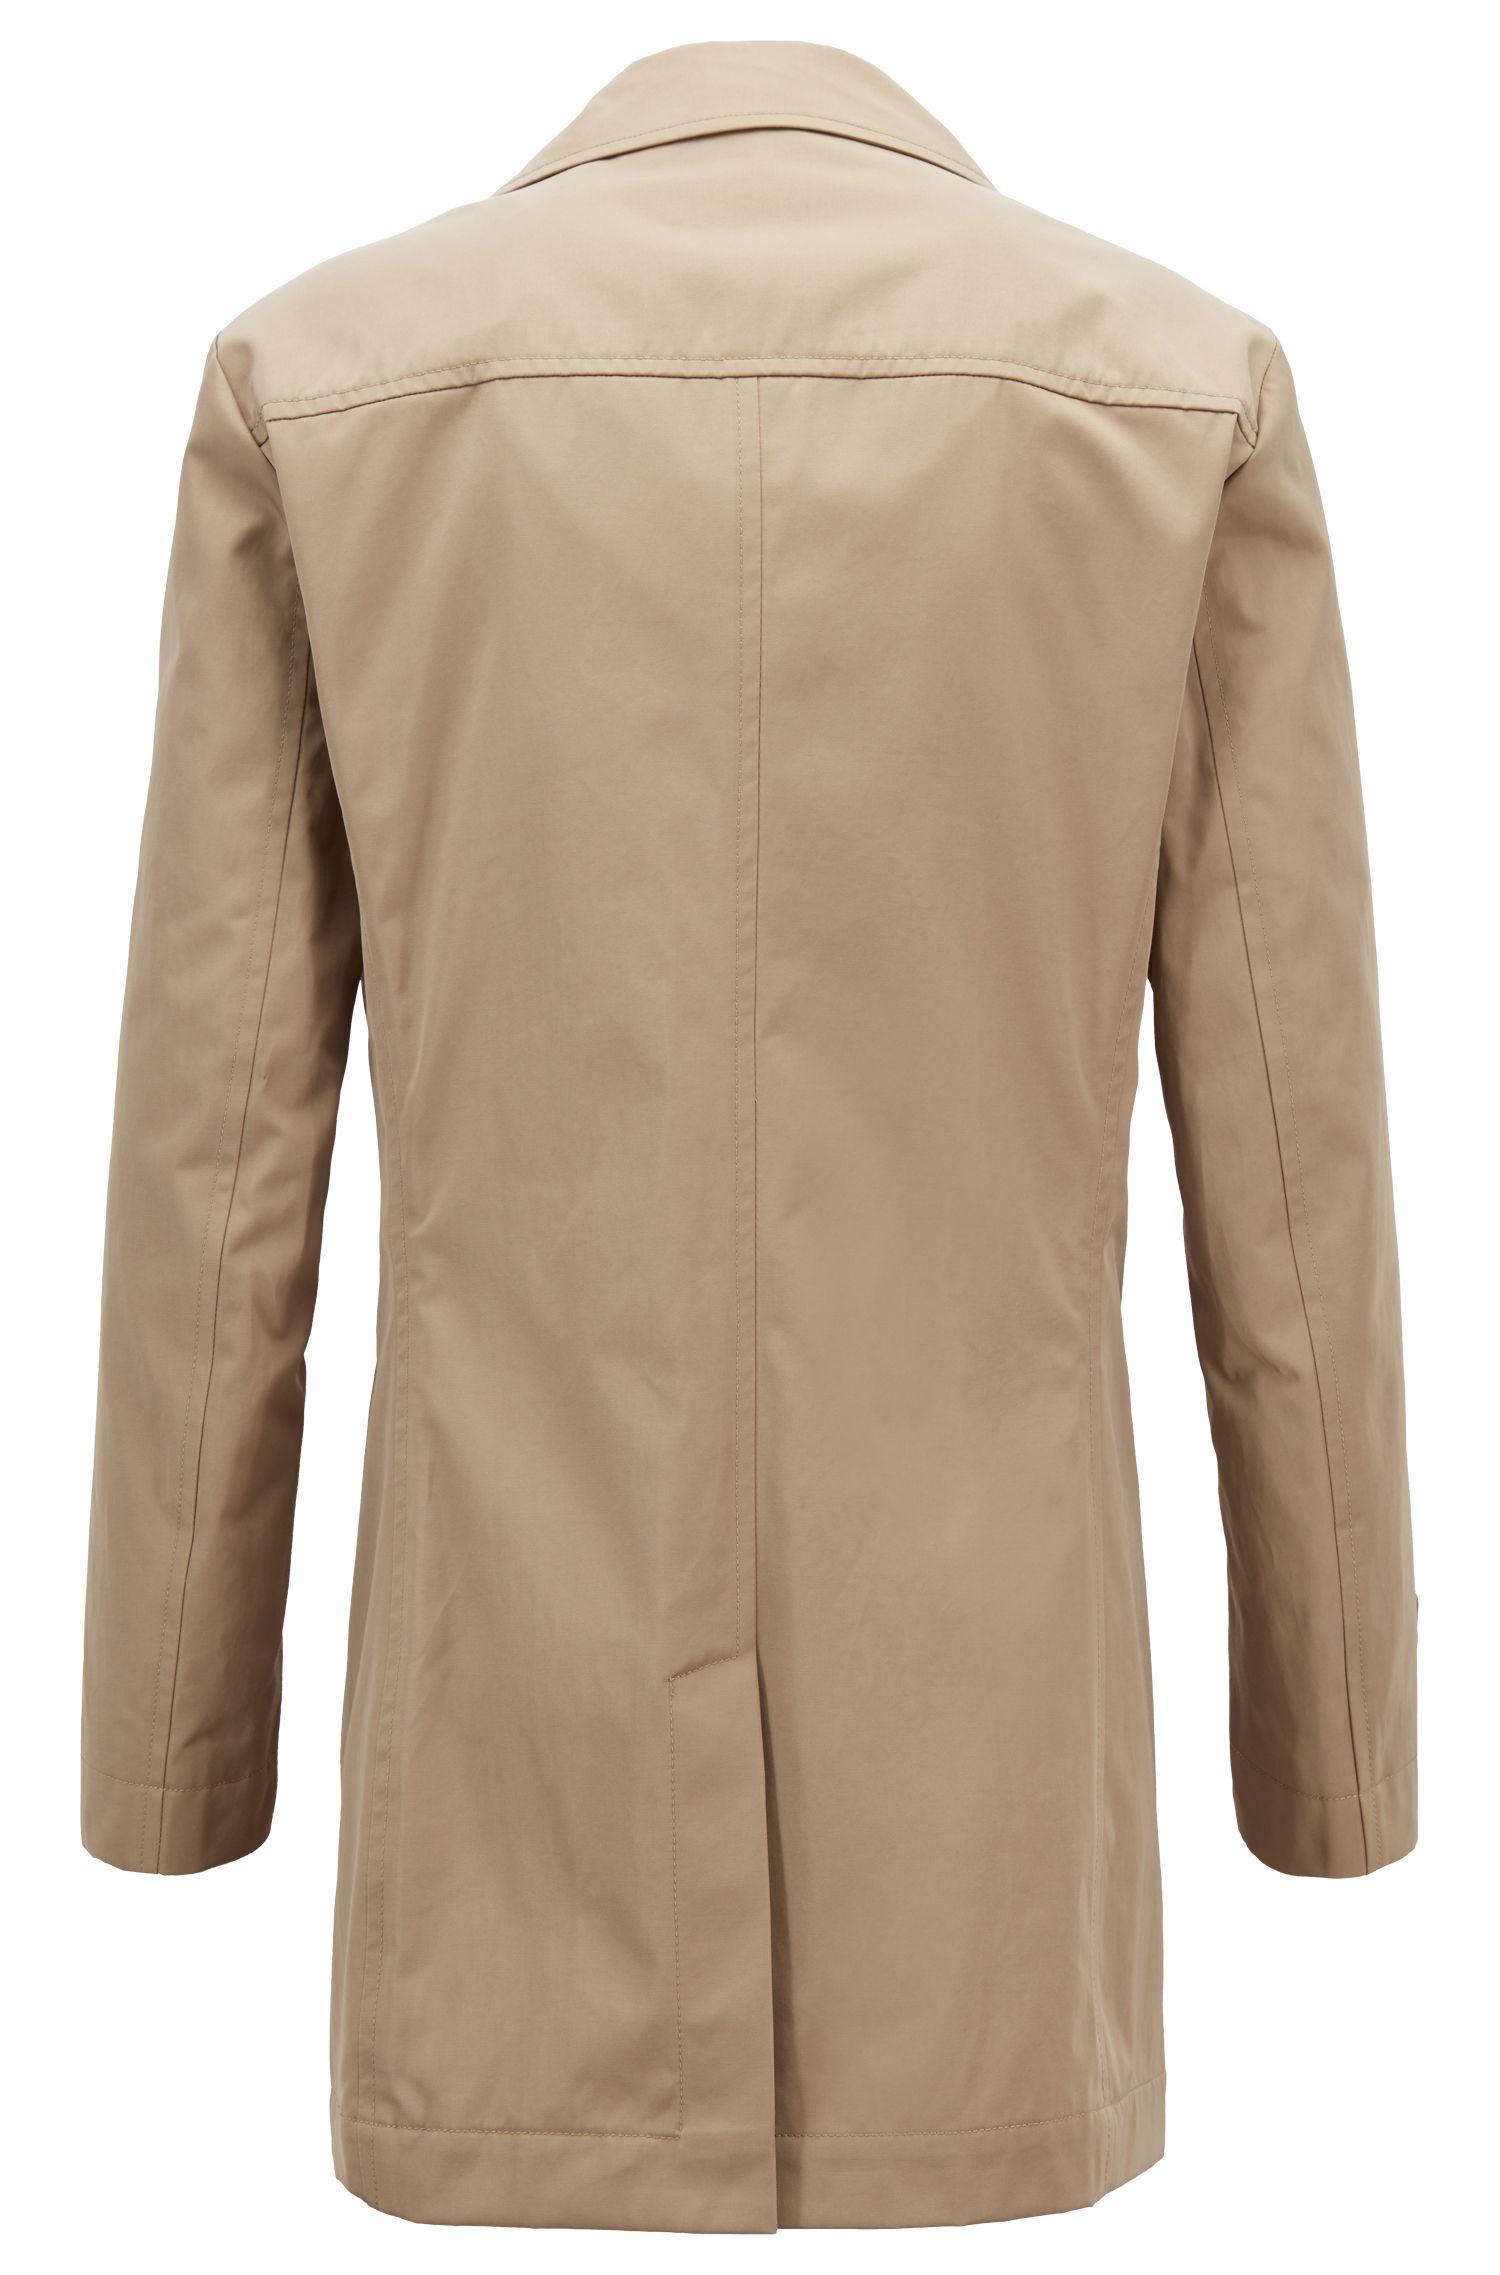 Manteau imperméable en sergé technique